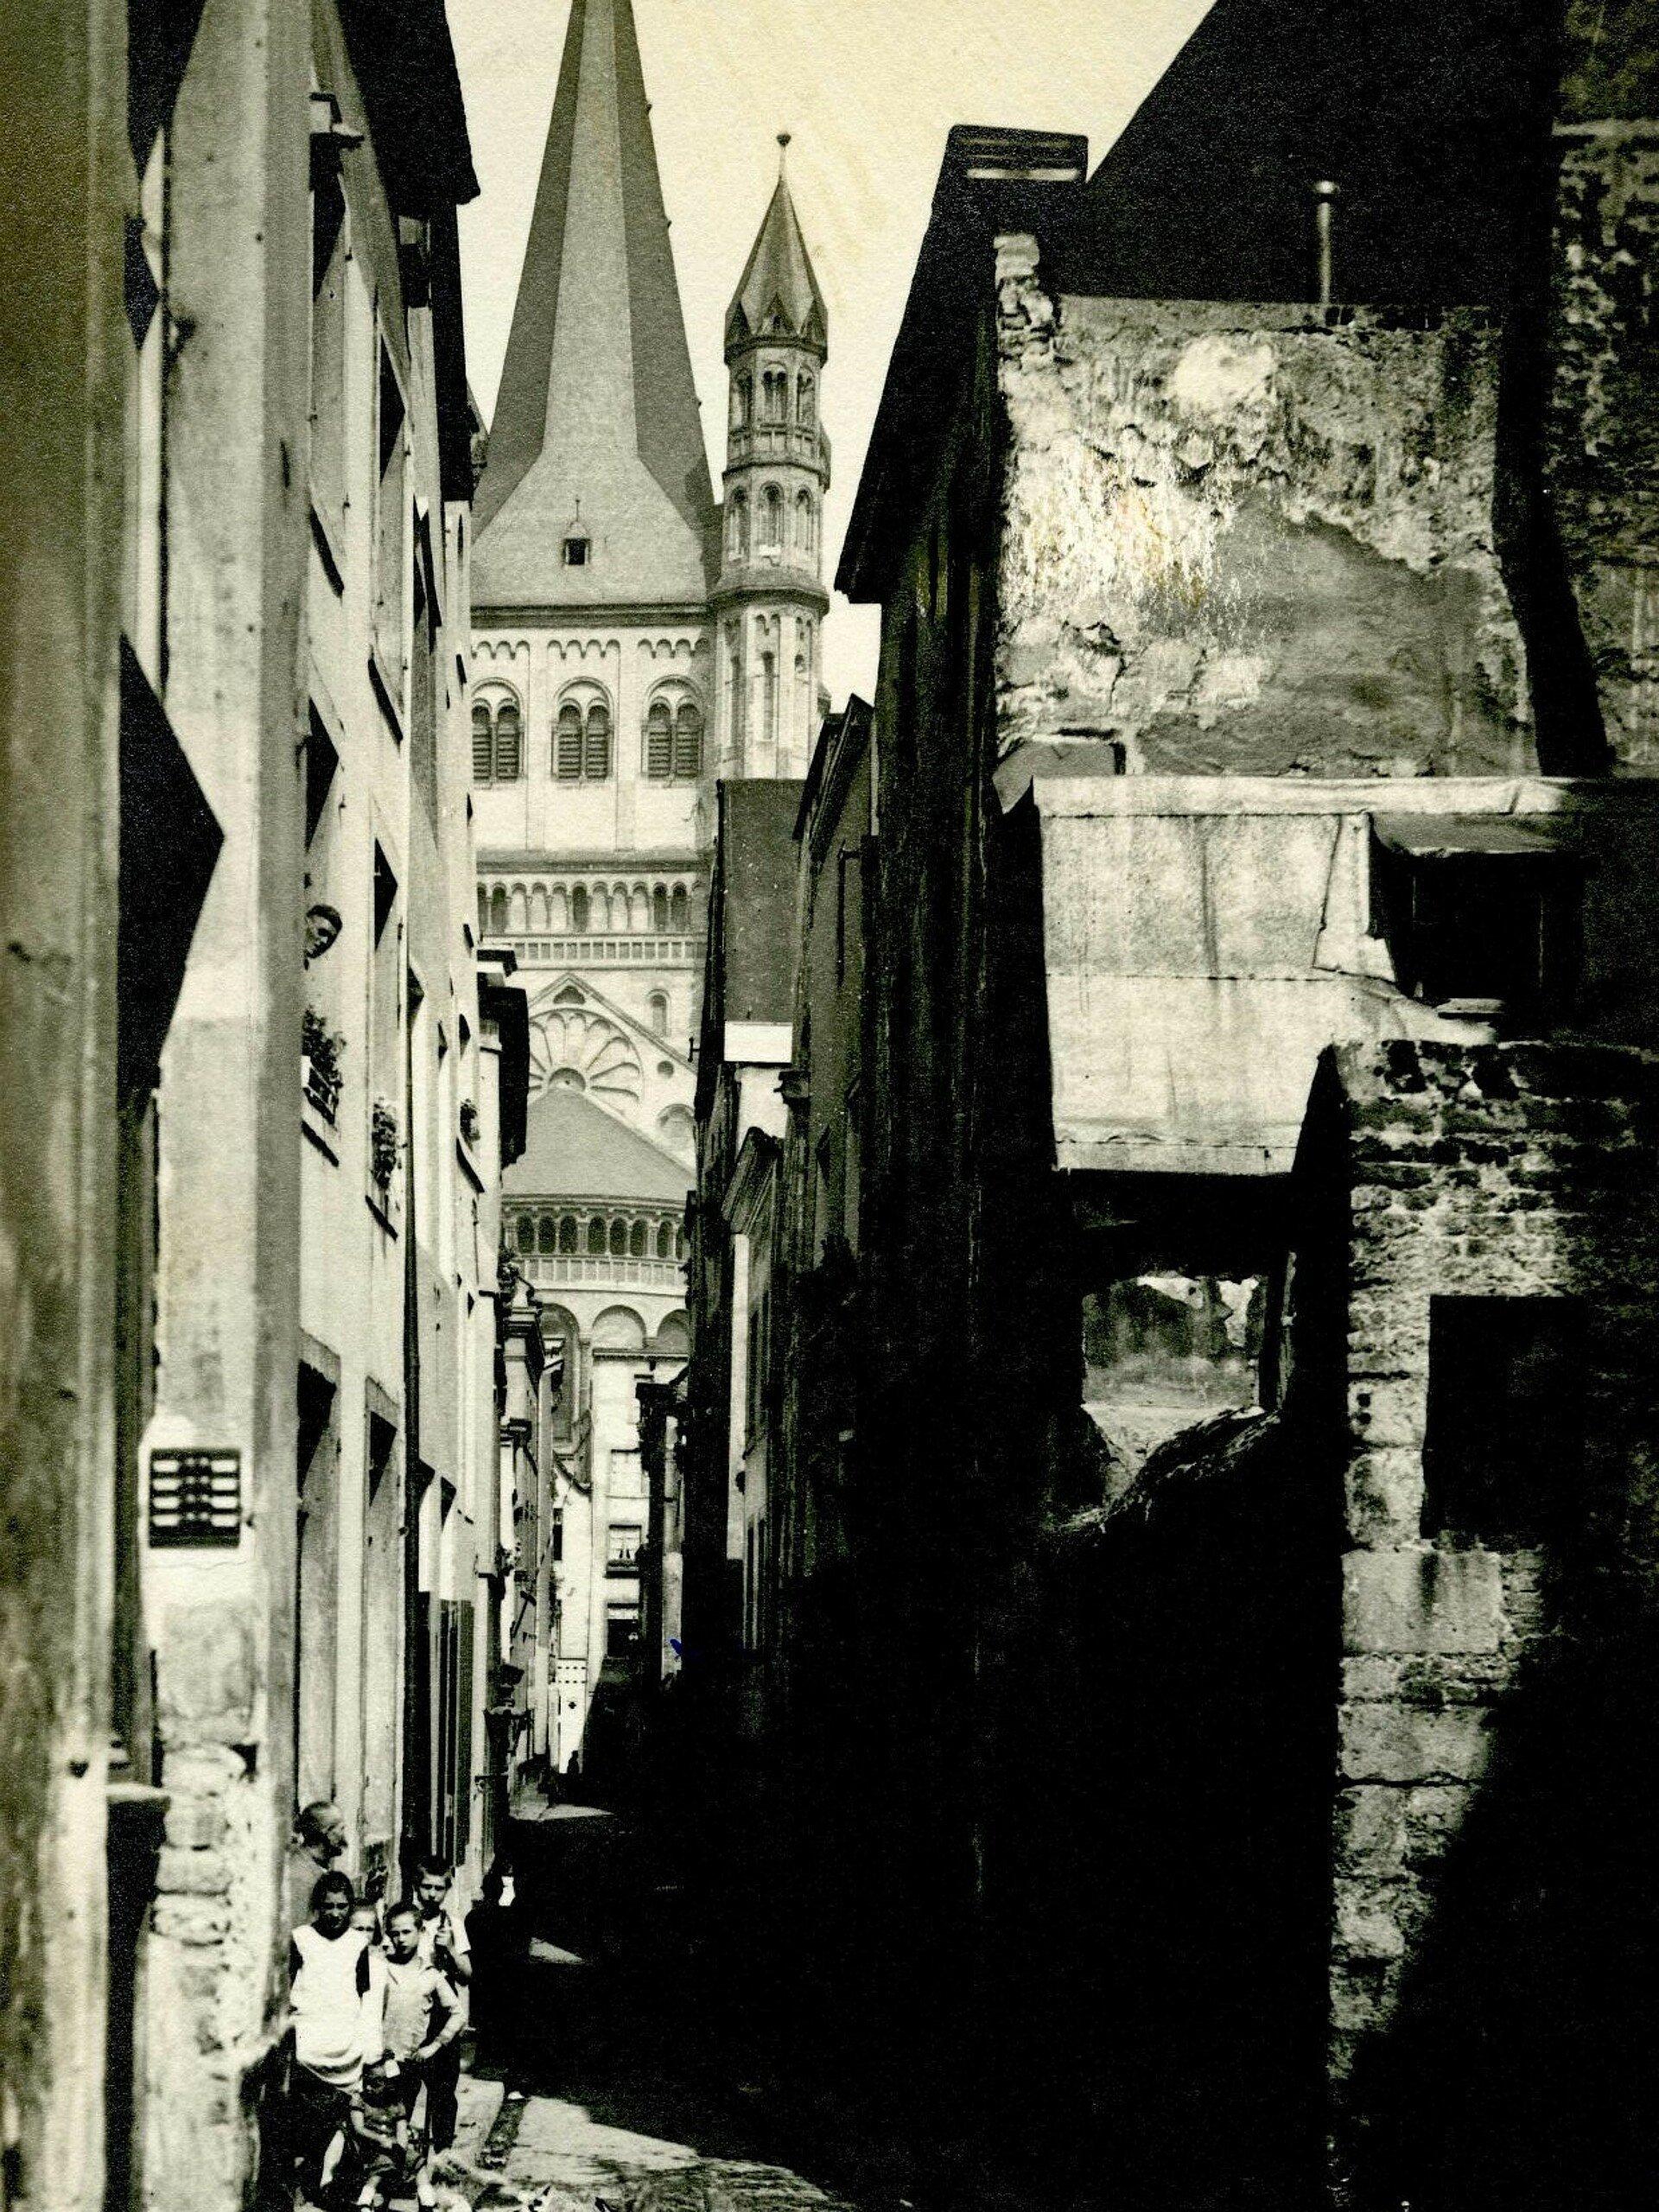 Historisches Foto von einer dunklen Gasse in Köln